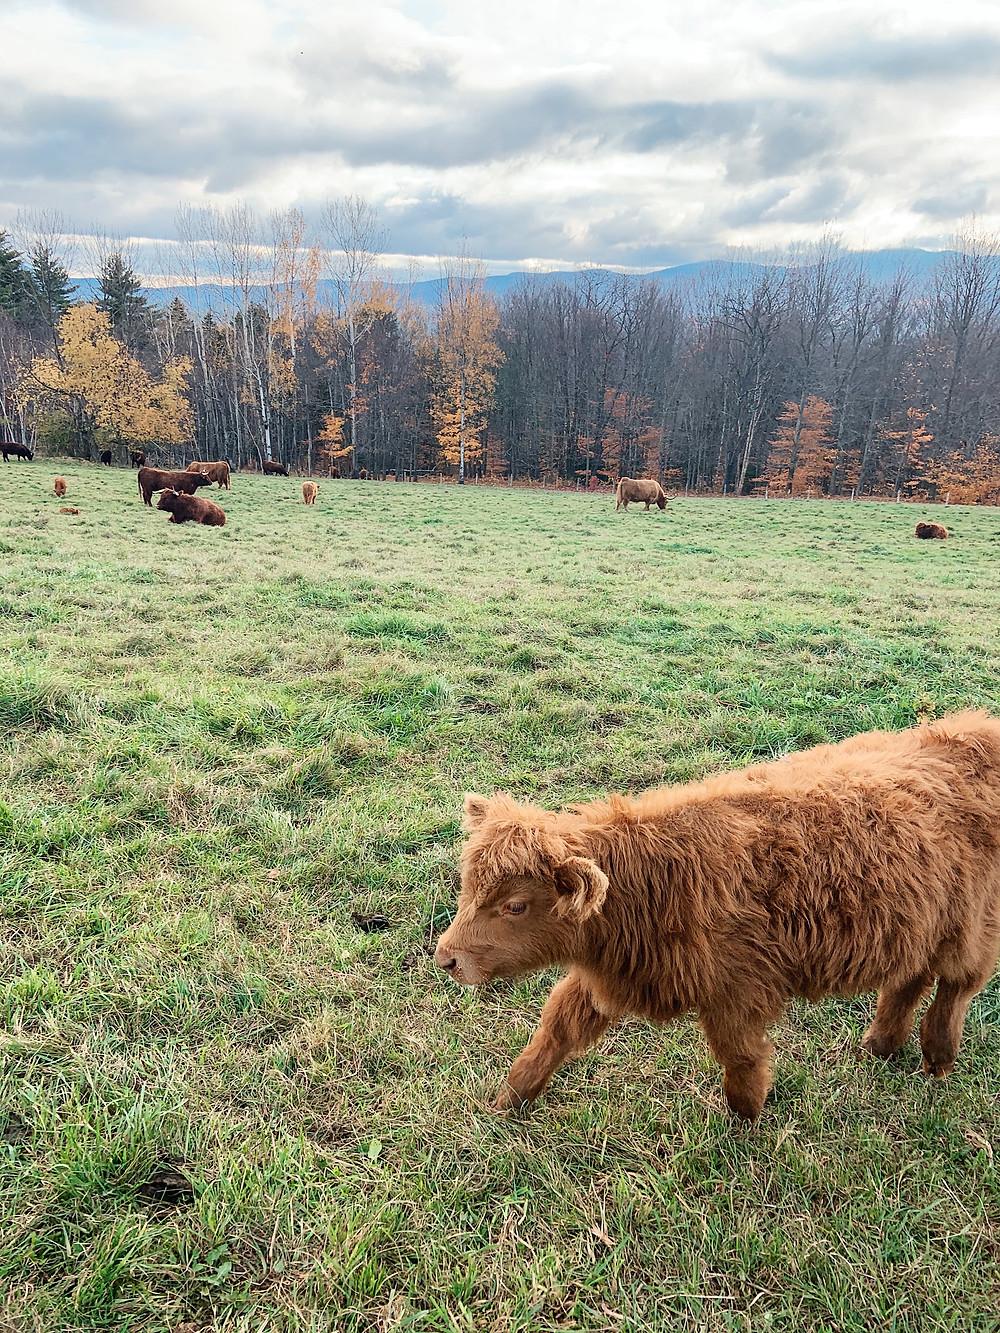 Von Trapp Family Lodge, Cows